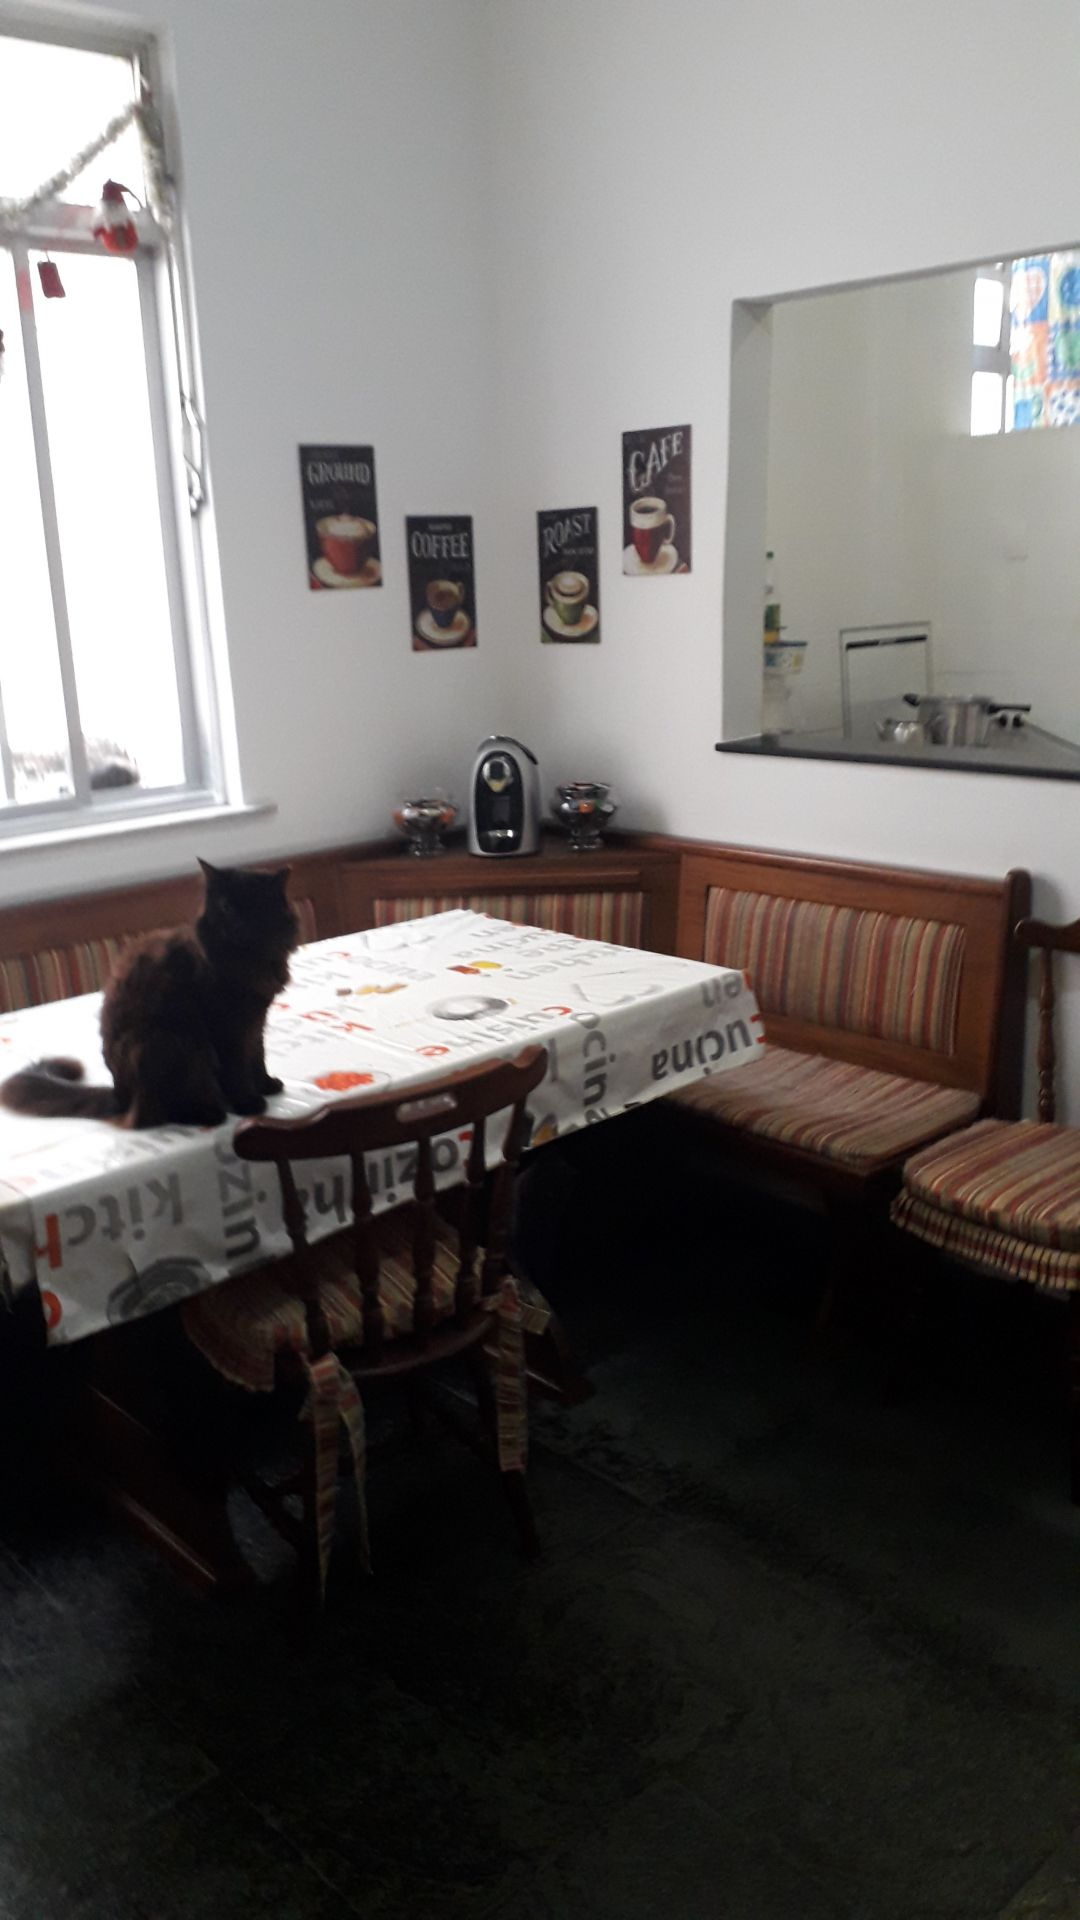 SALA - Apartamento Rua visconde de santa isabel,Grajaú, Grajaú,Rio de Janeiro, RJ À Venda, 2 Quartos, 59m² - 000484 - 14